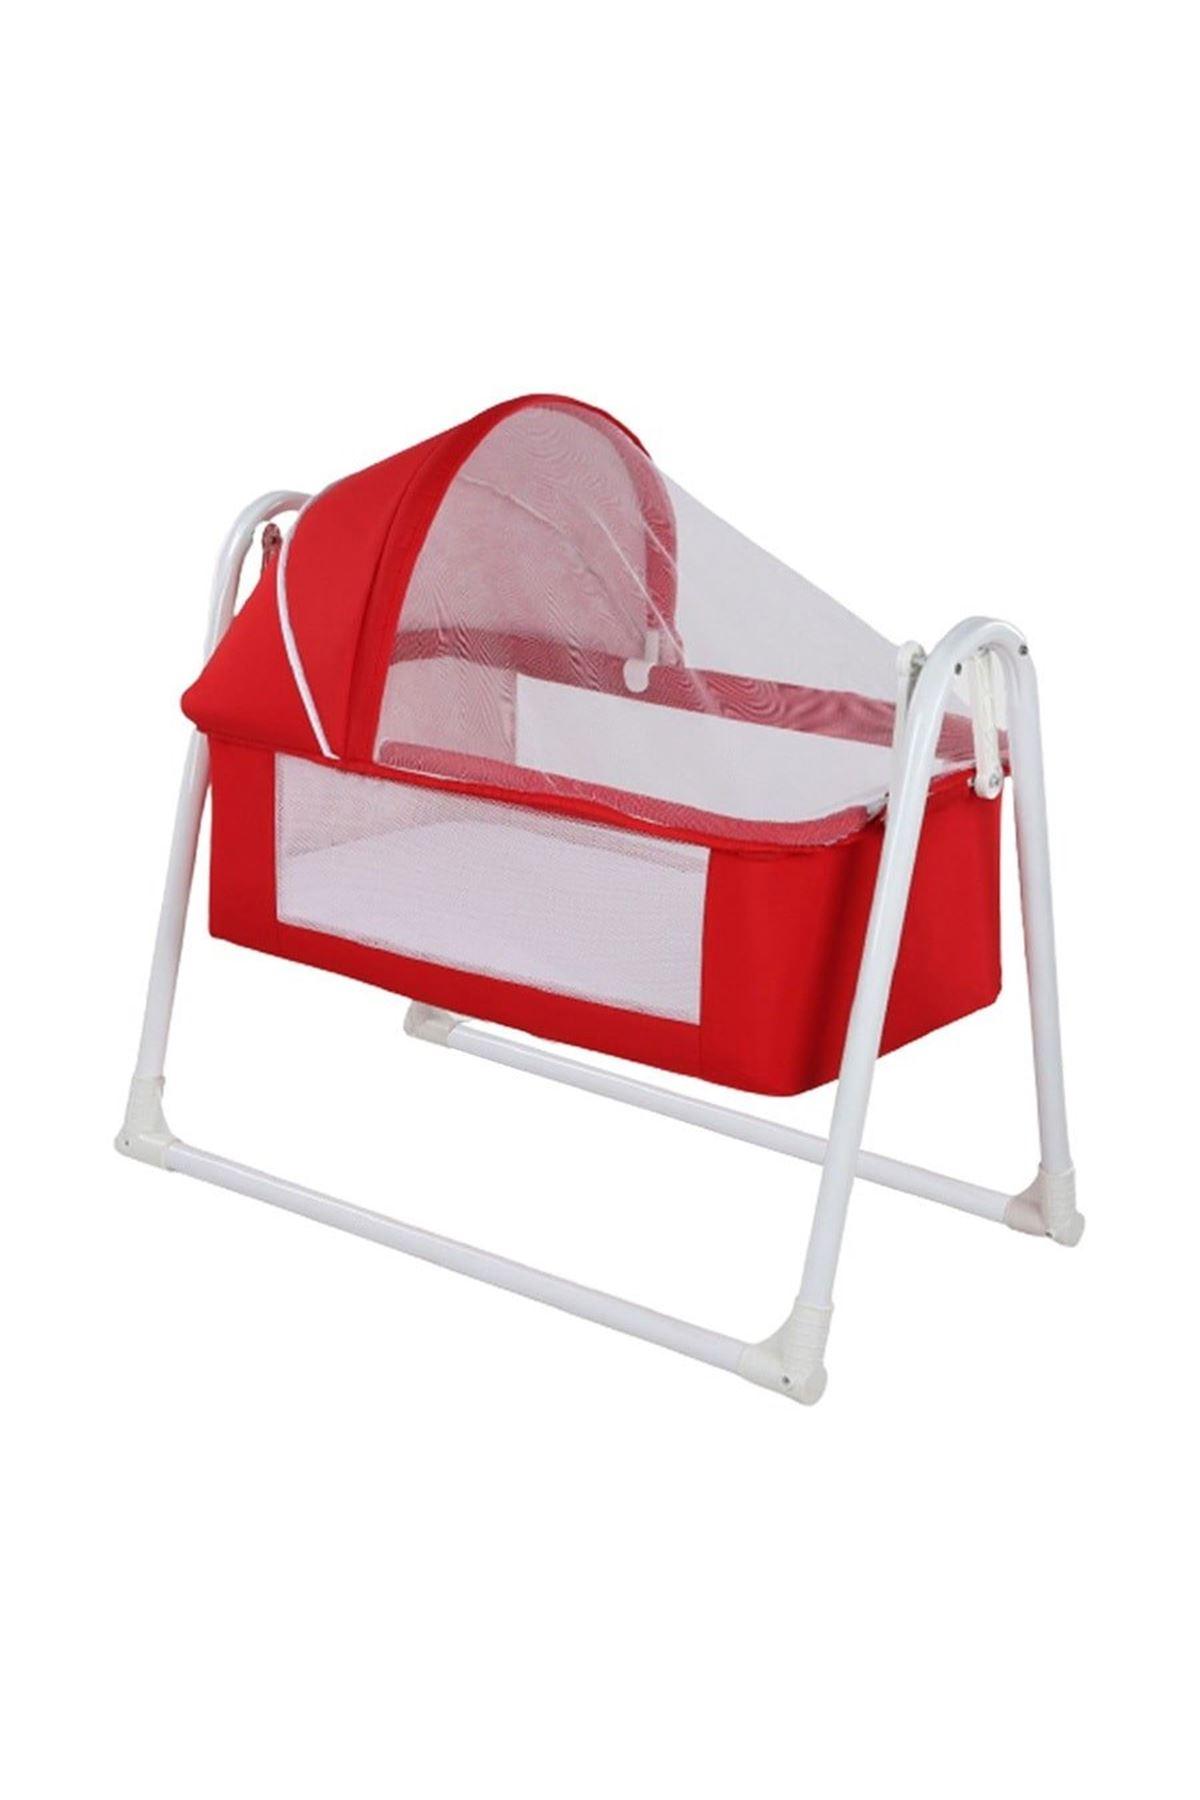 Plus Sallanır Bebek Beşik - Kırmızı